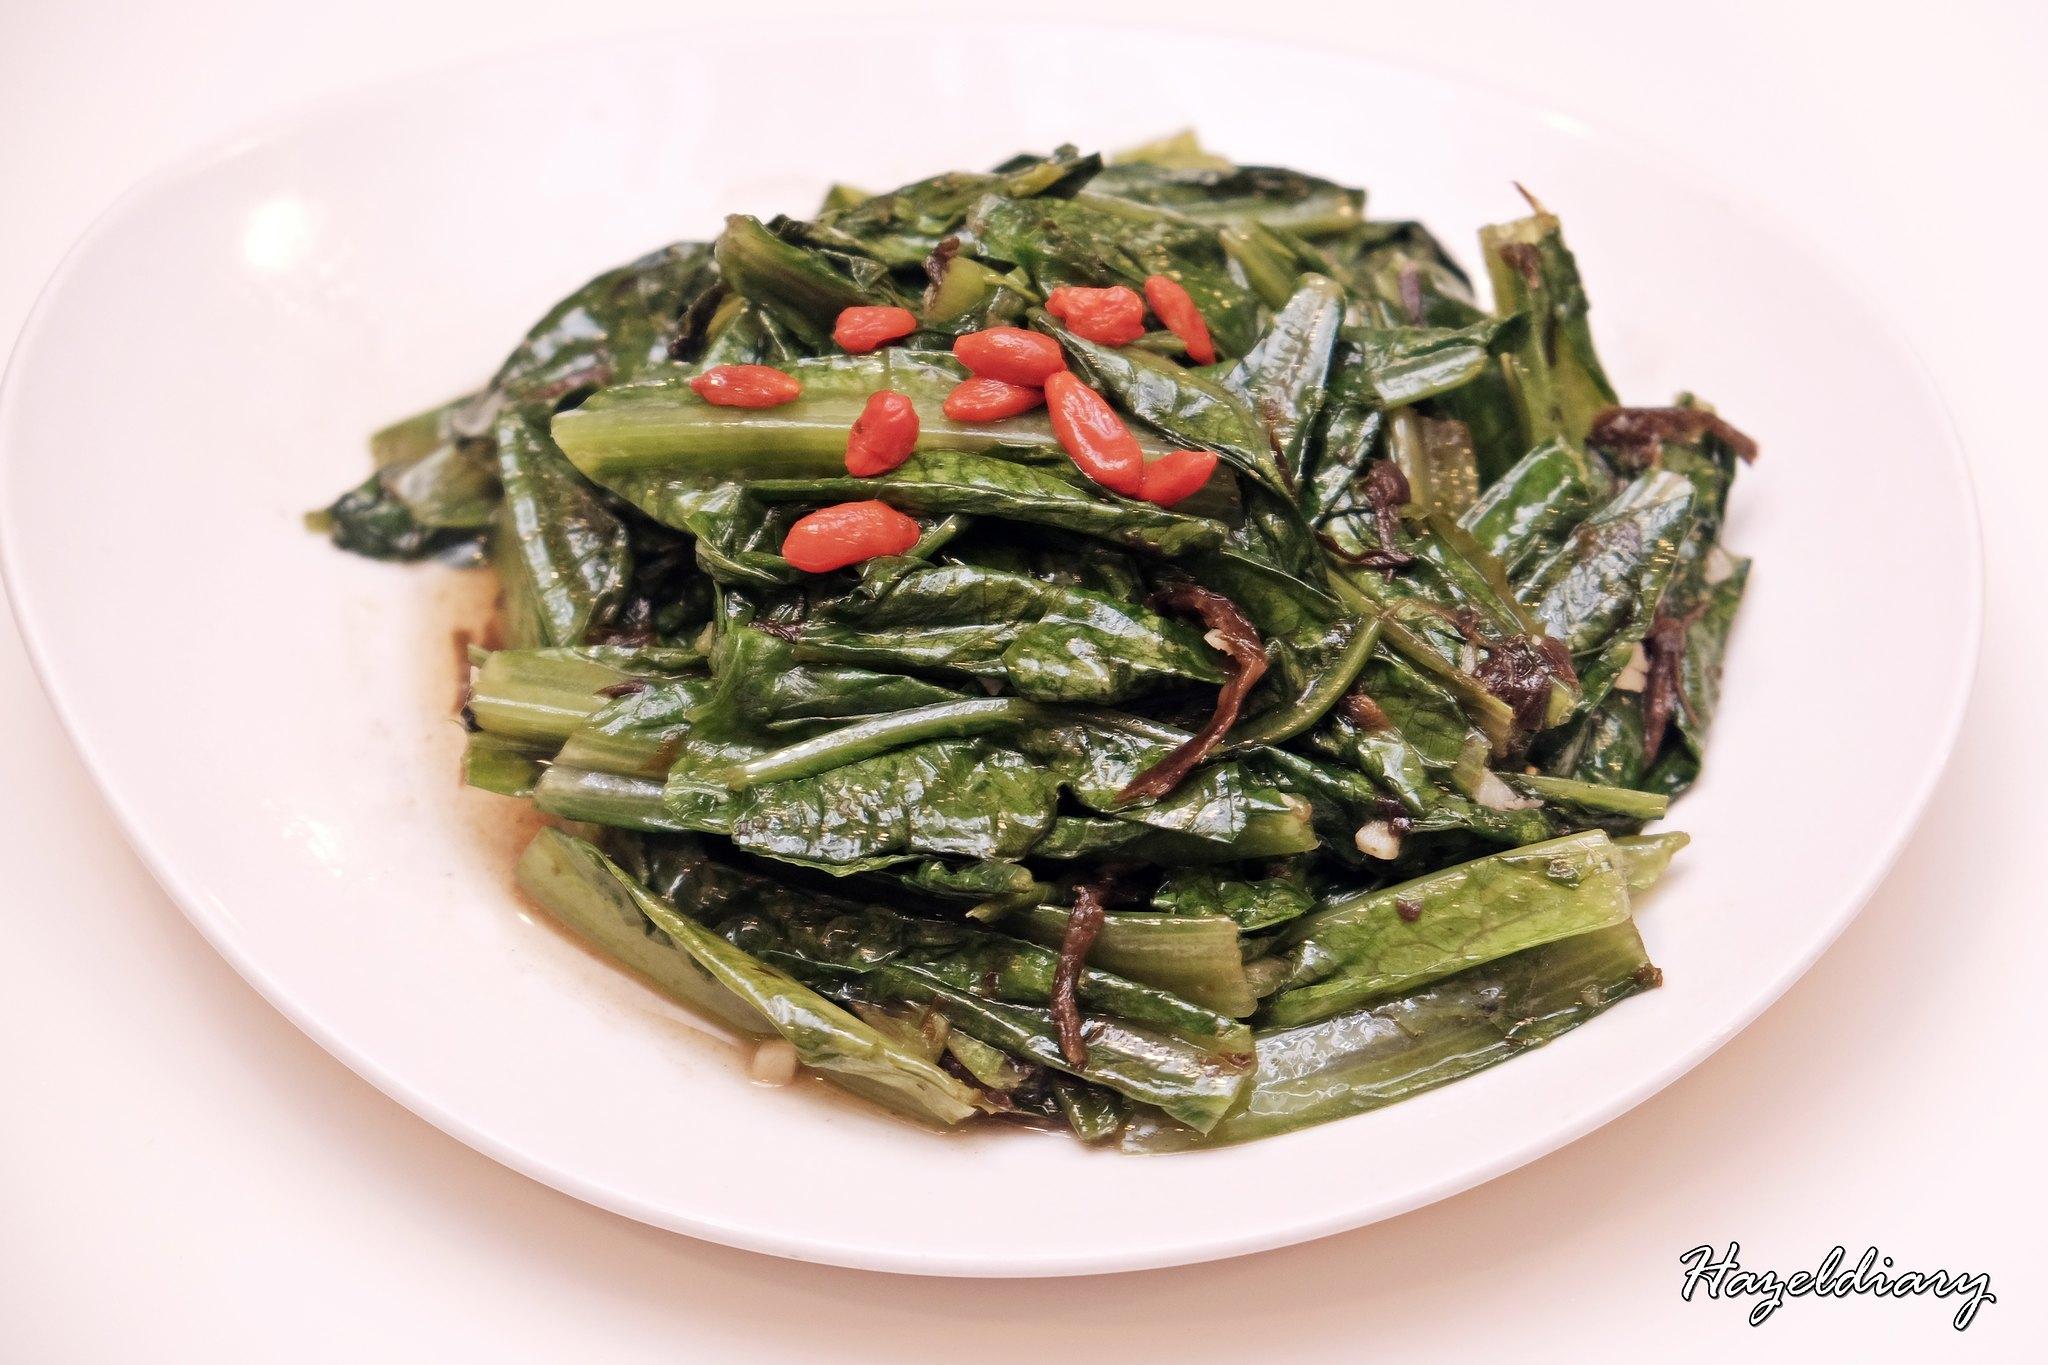 Goldleaf Katong Square-Tainan Olive Taiwanese Lettuce